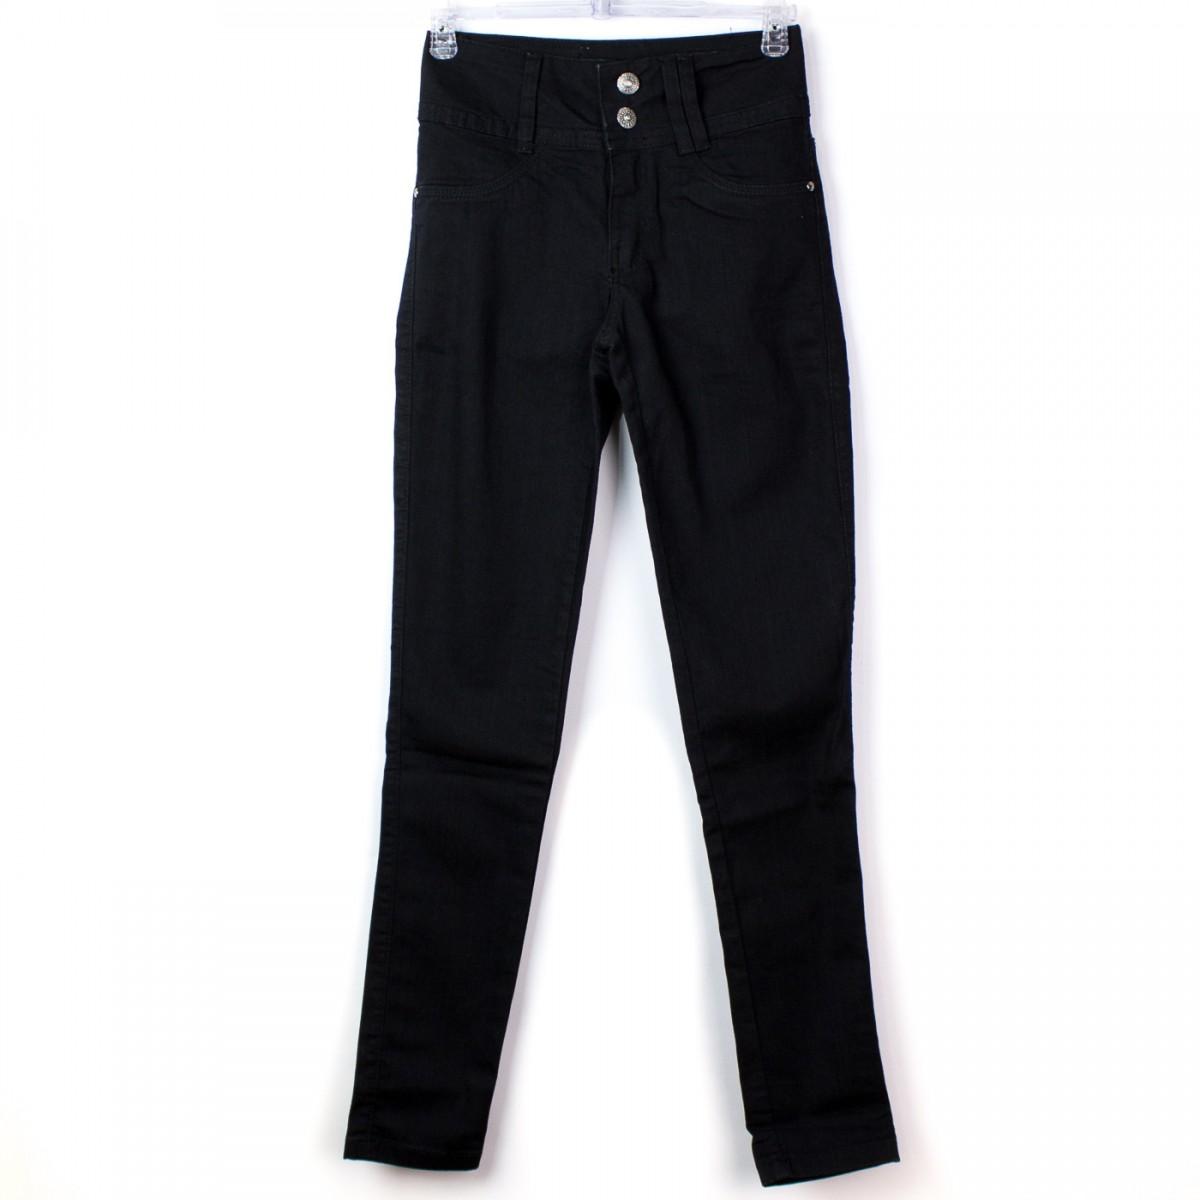 59c06ac24c Bizz Store - Calça Jeans Feminina Max Denim Cigarrete Preta